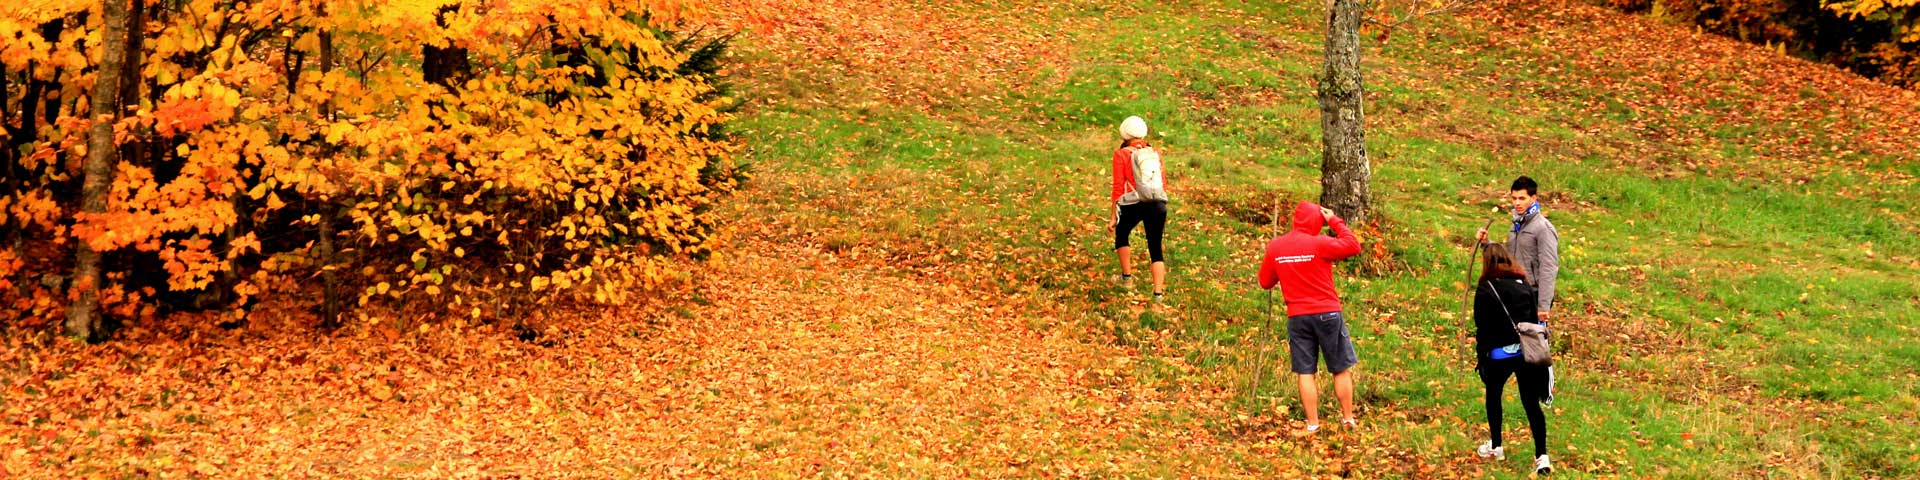 Tourisme Sutton : La randonnée à l'automne